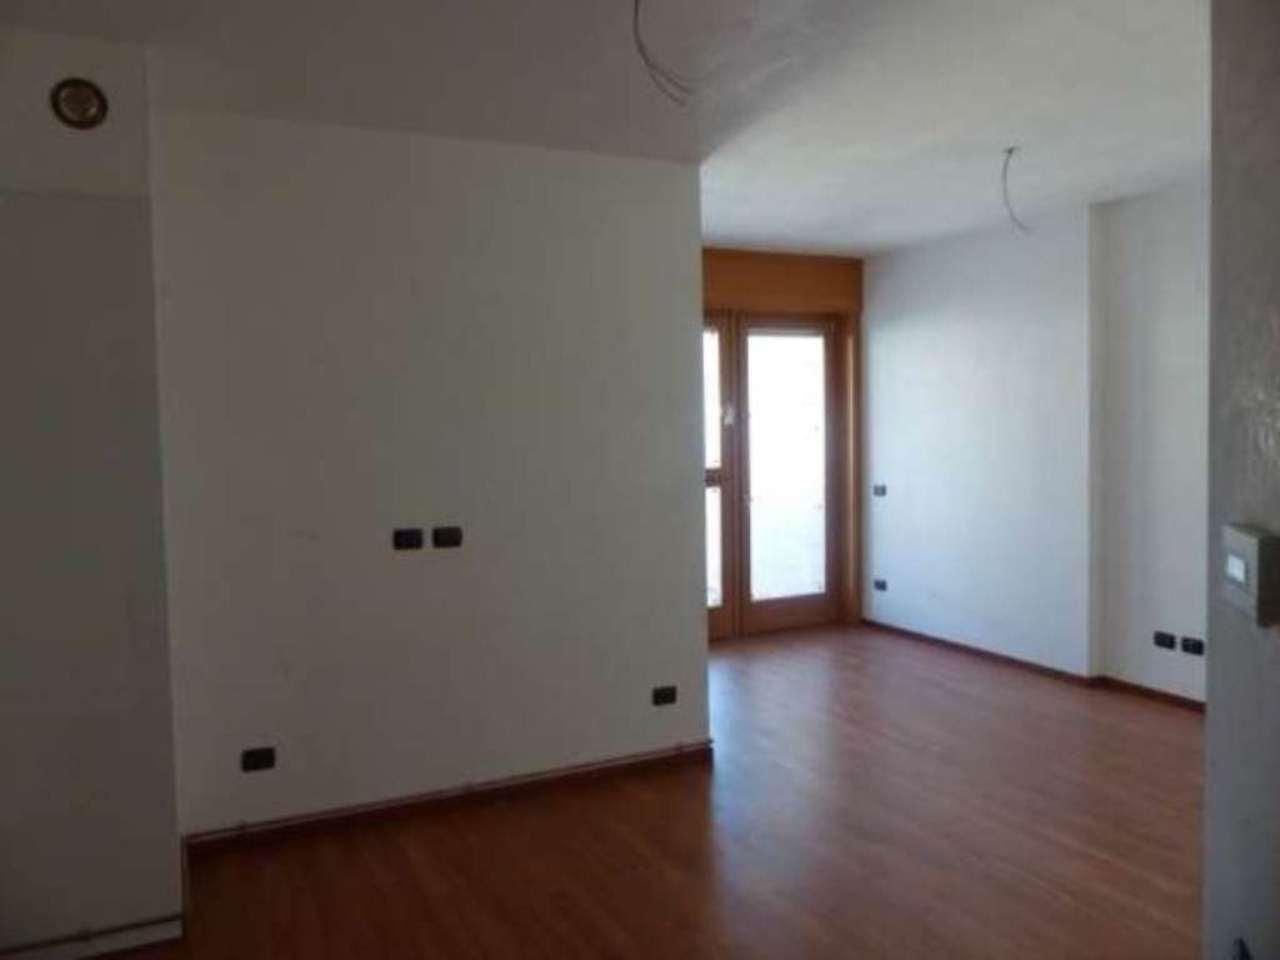 Appartamento in Vendita a Milano 23 Forlanini / Mecenate: 1 locali, 41 mq